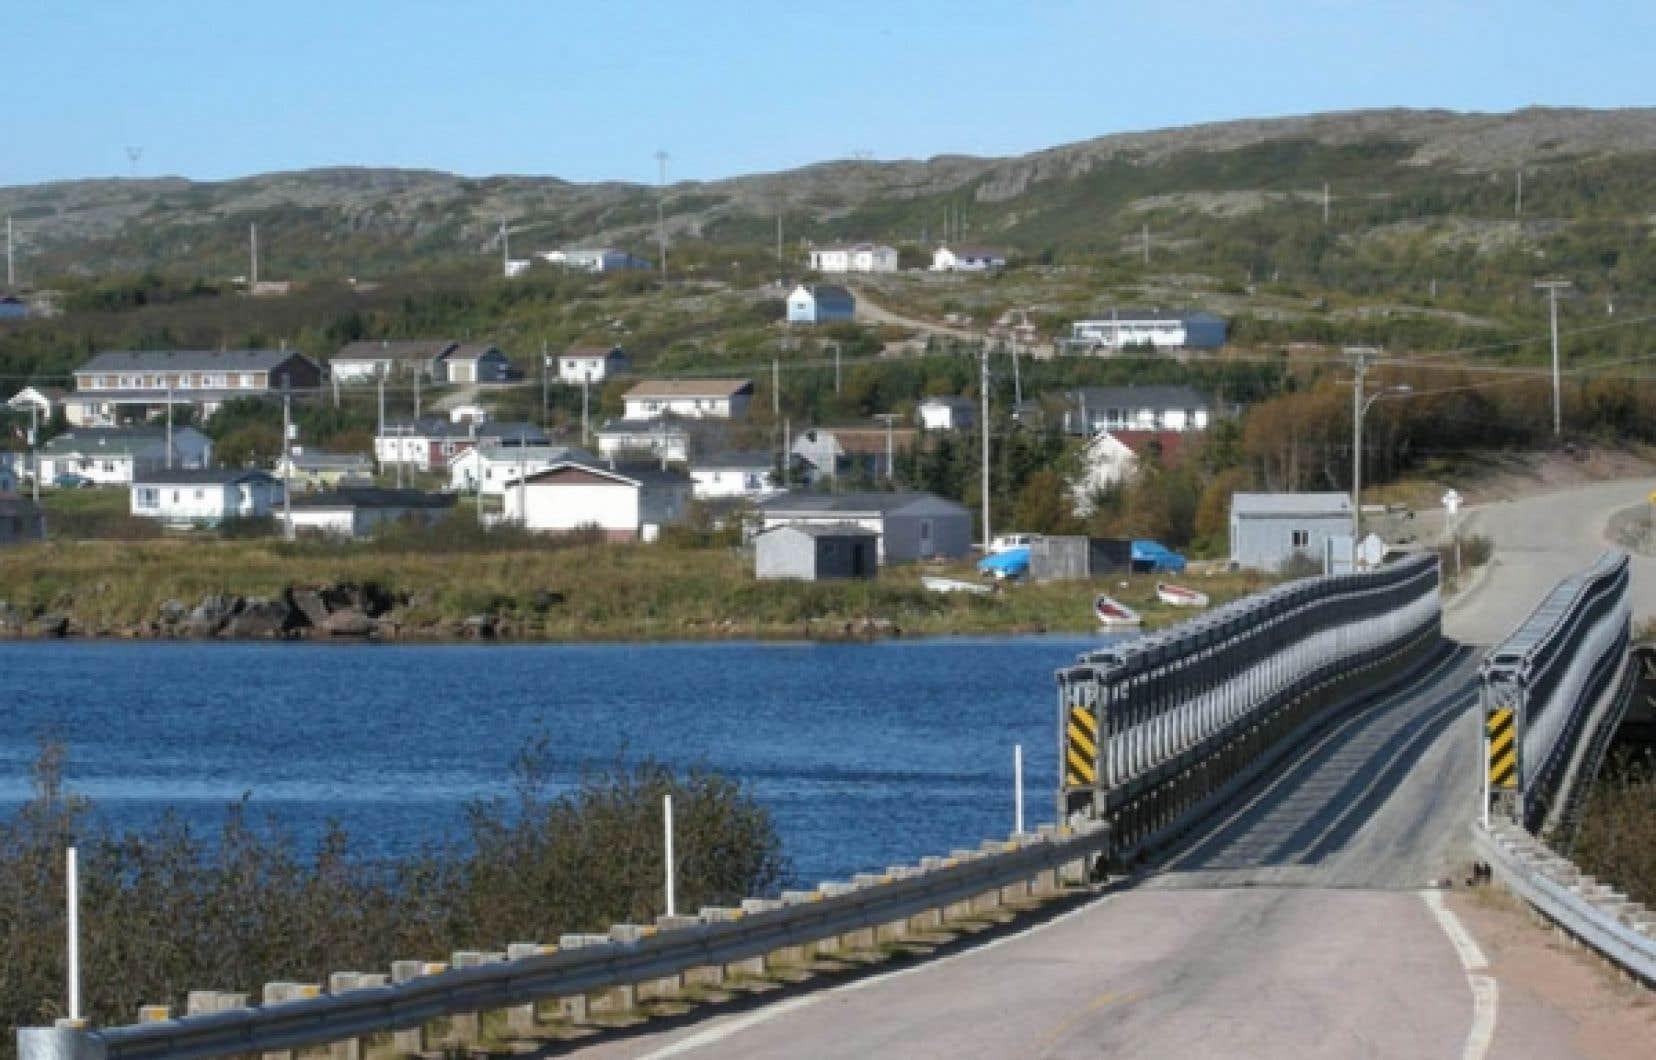 Le village de Rivière-Saint-Paul, dans la partie est de la Basse-Côte-Nord. Dans cette région négligée par Québec, un fort sentiment d'appartenance à la province de Terre-Neuve s'est développé.<br />